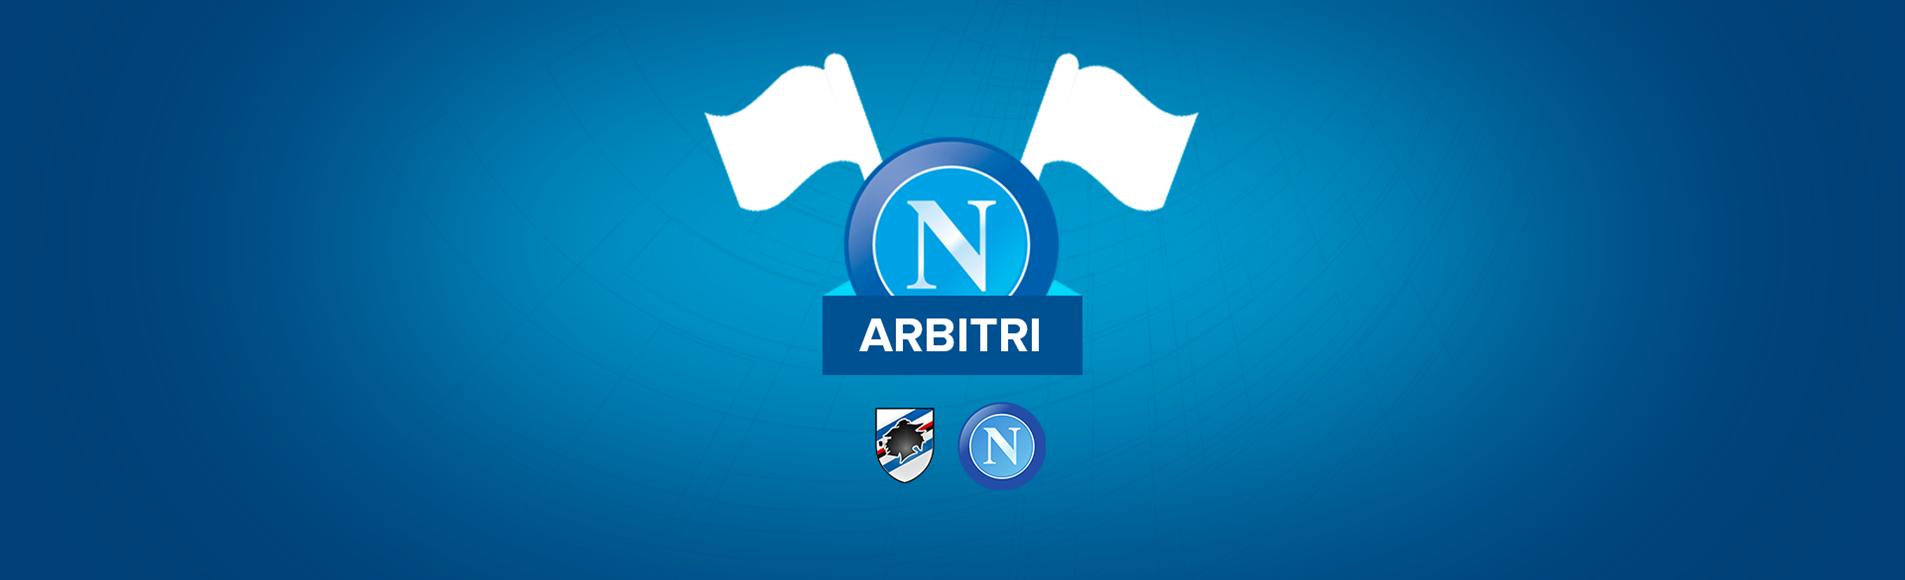 Sampdoria-Napoli, dirige il match l'arbitro Gavillucci